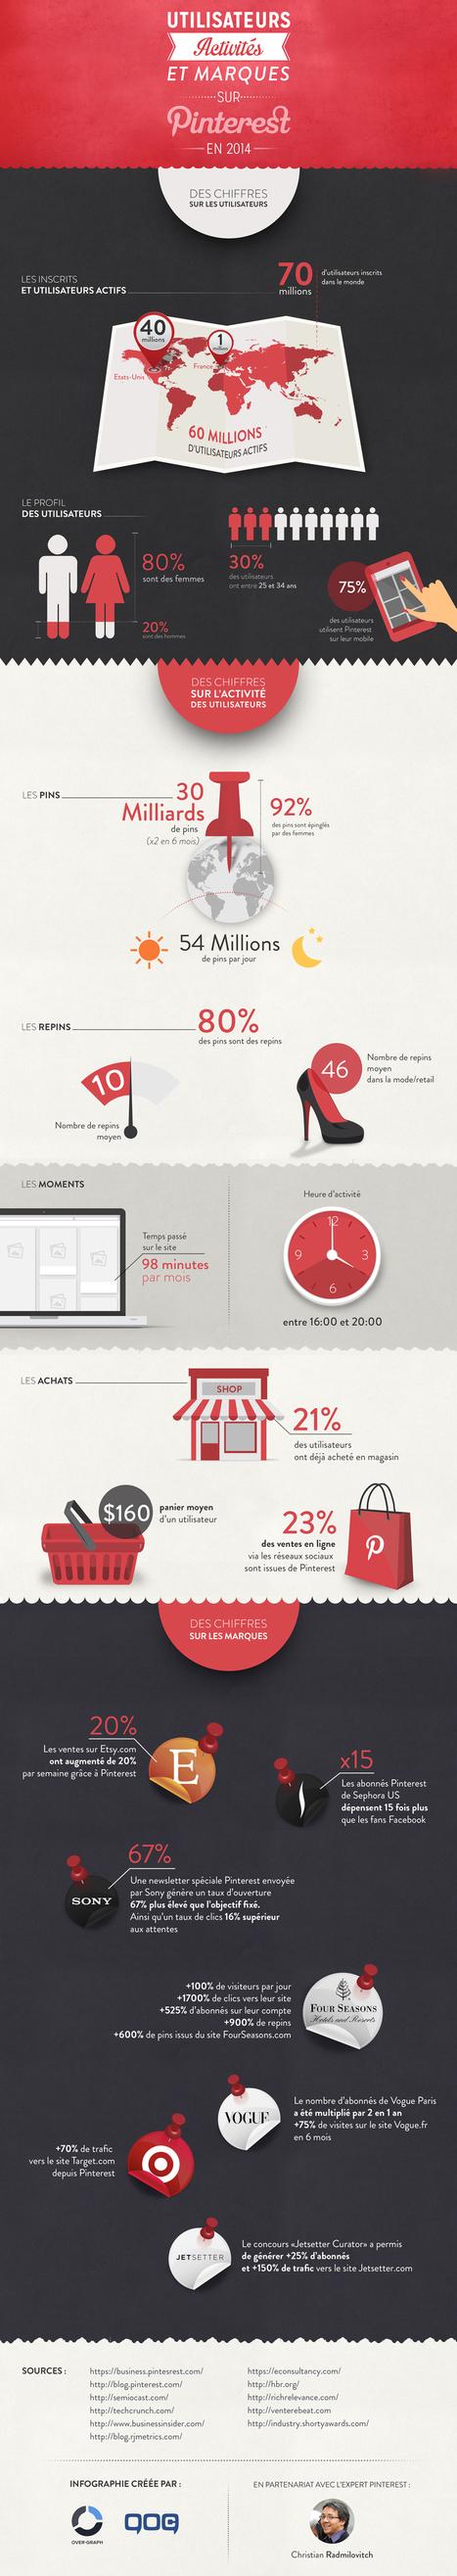 Les chiffres Pinterest 2014 - Statistiques exclusives | Mon cyber-fourre-tout | Scoop.it